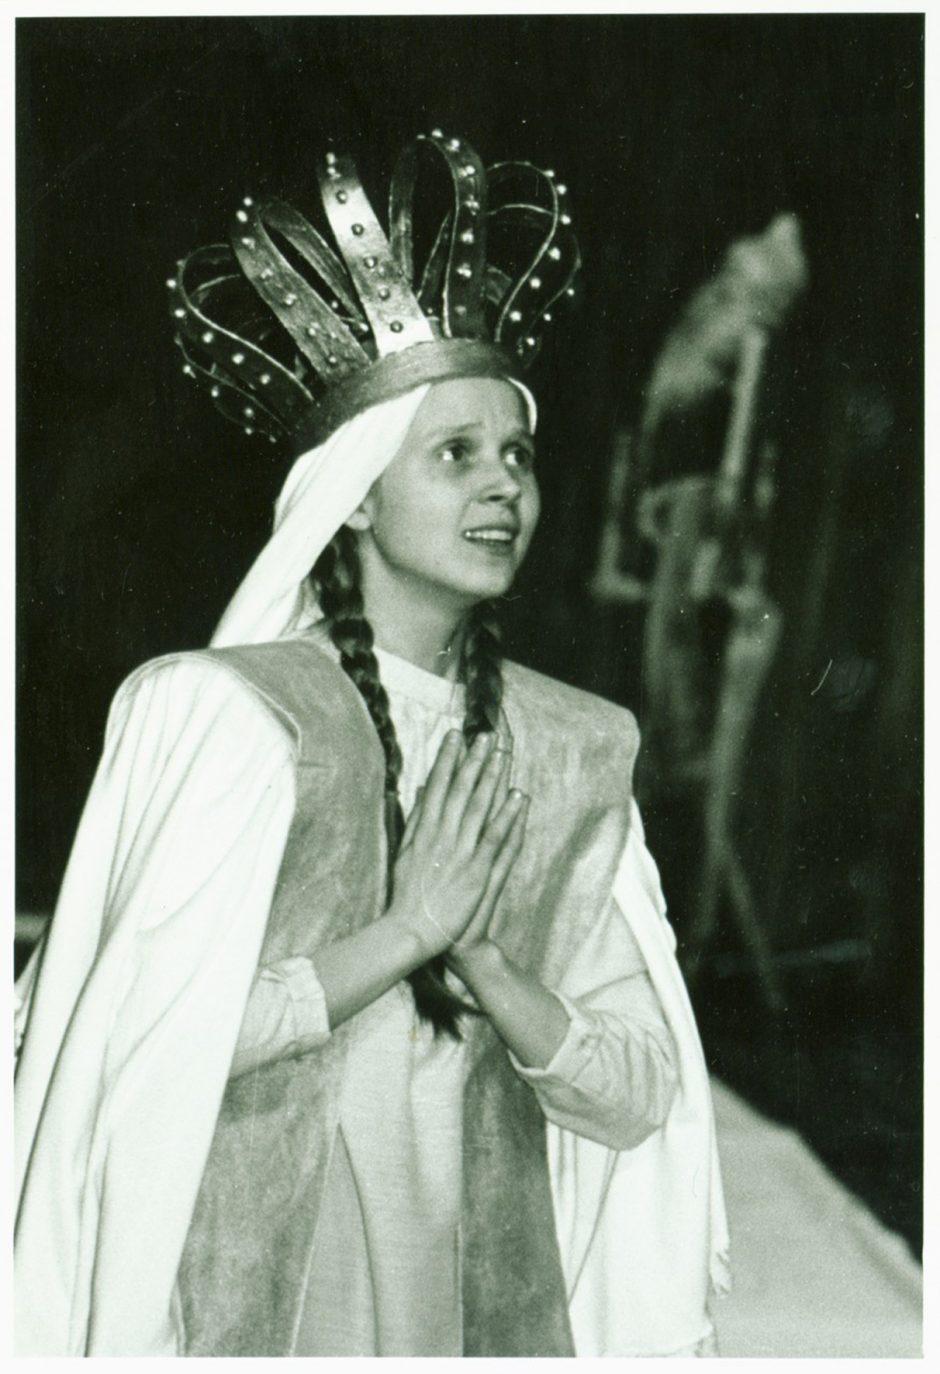 R. Rapalytė švenčia 50 metų jubiliejų: niekada netikėjau, kad galiu būti aktore